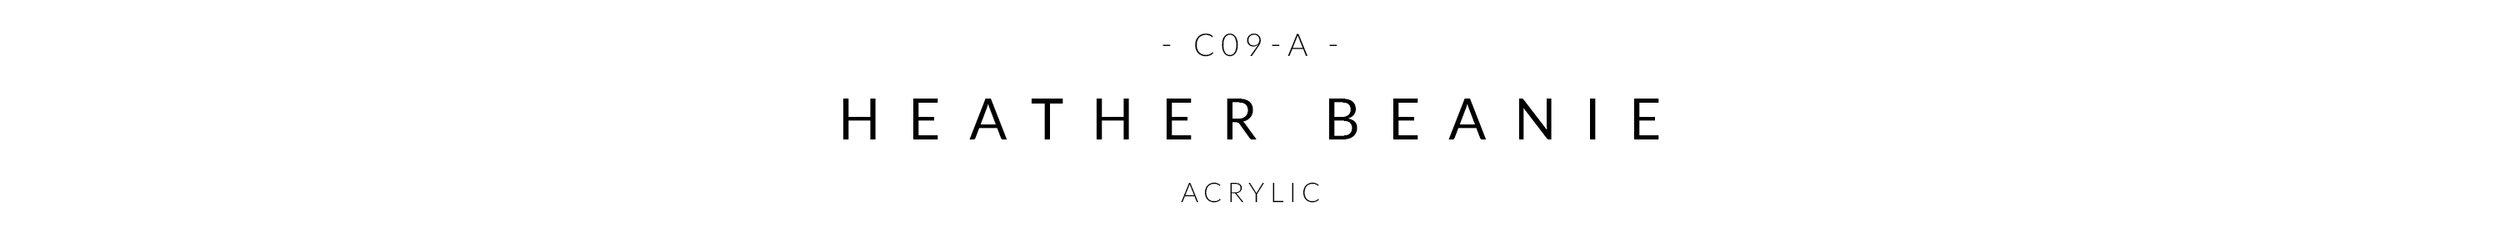 C03-A - HEADER.jpg